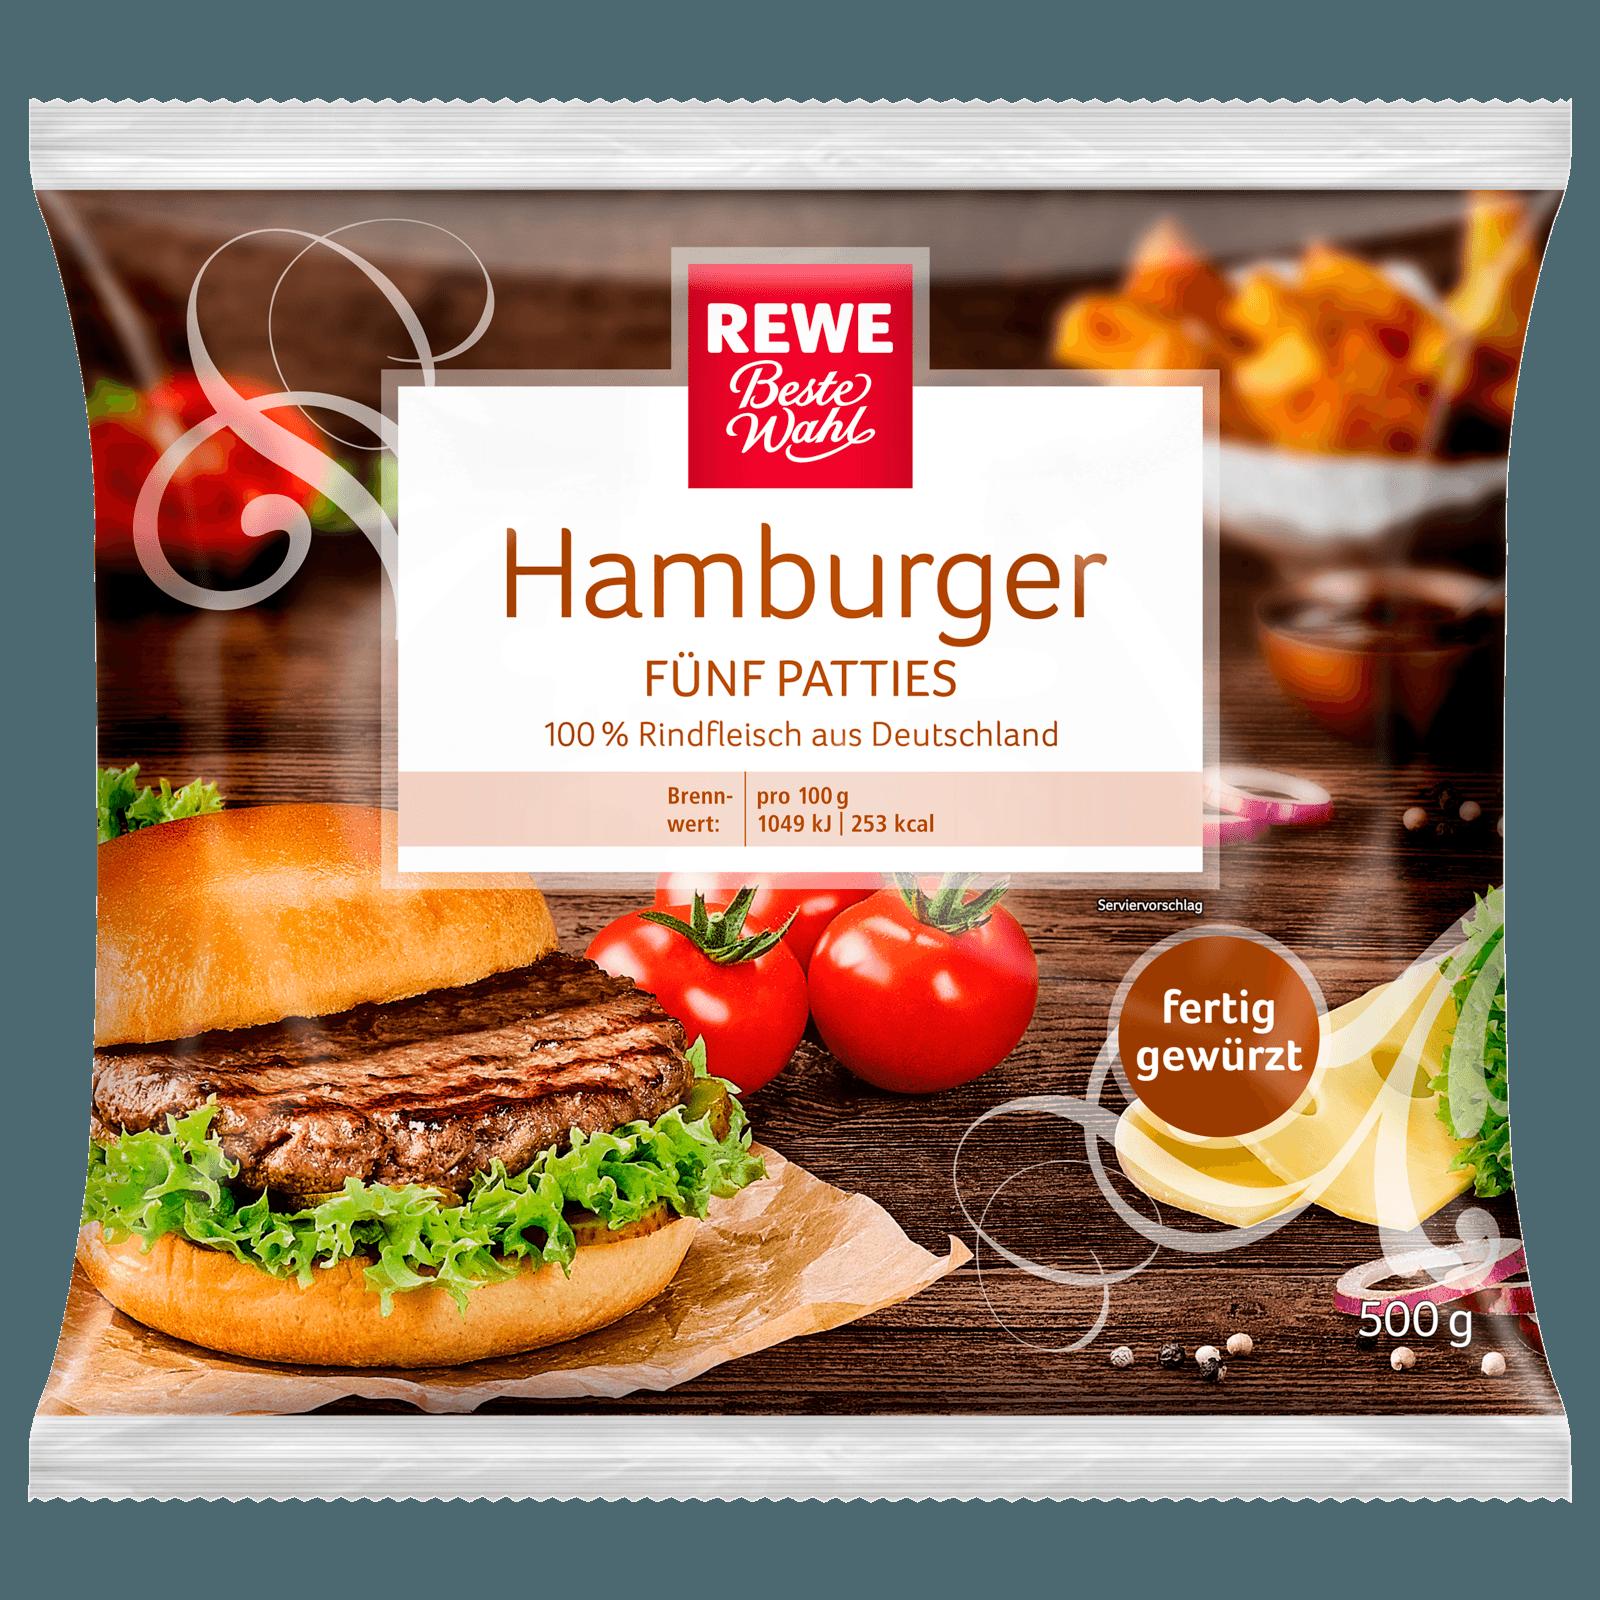 Rewe Beste Wahl Hamburger Fünf Patties Vom Rind Tiefgefroren 500g